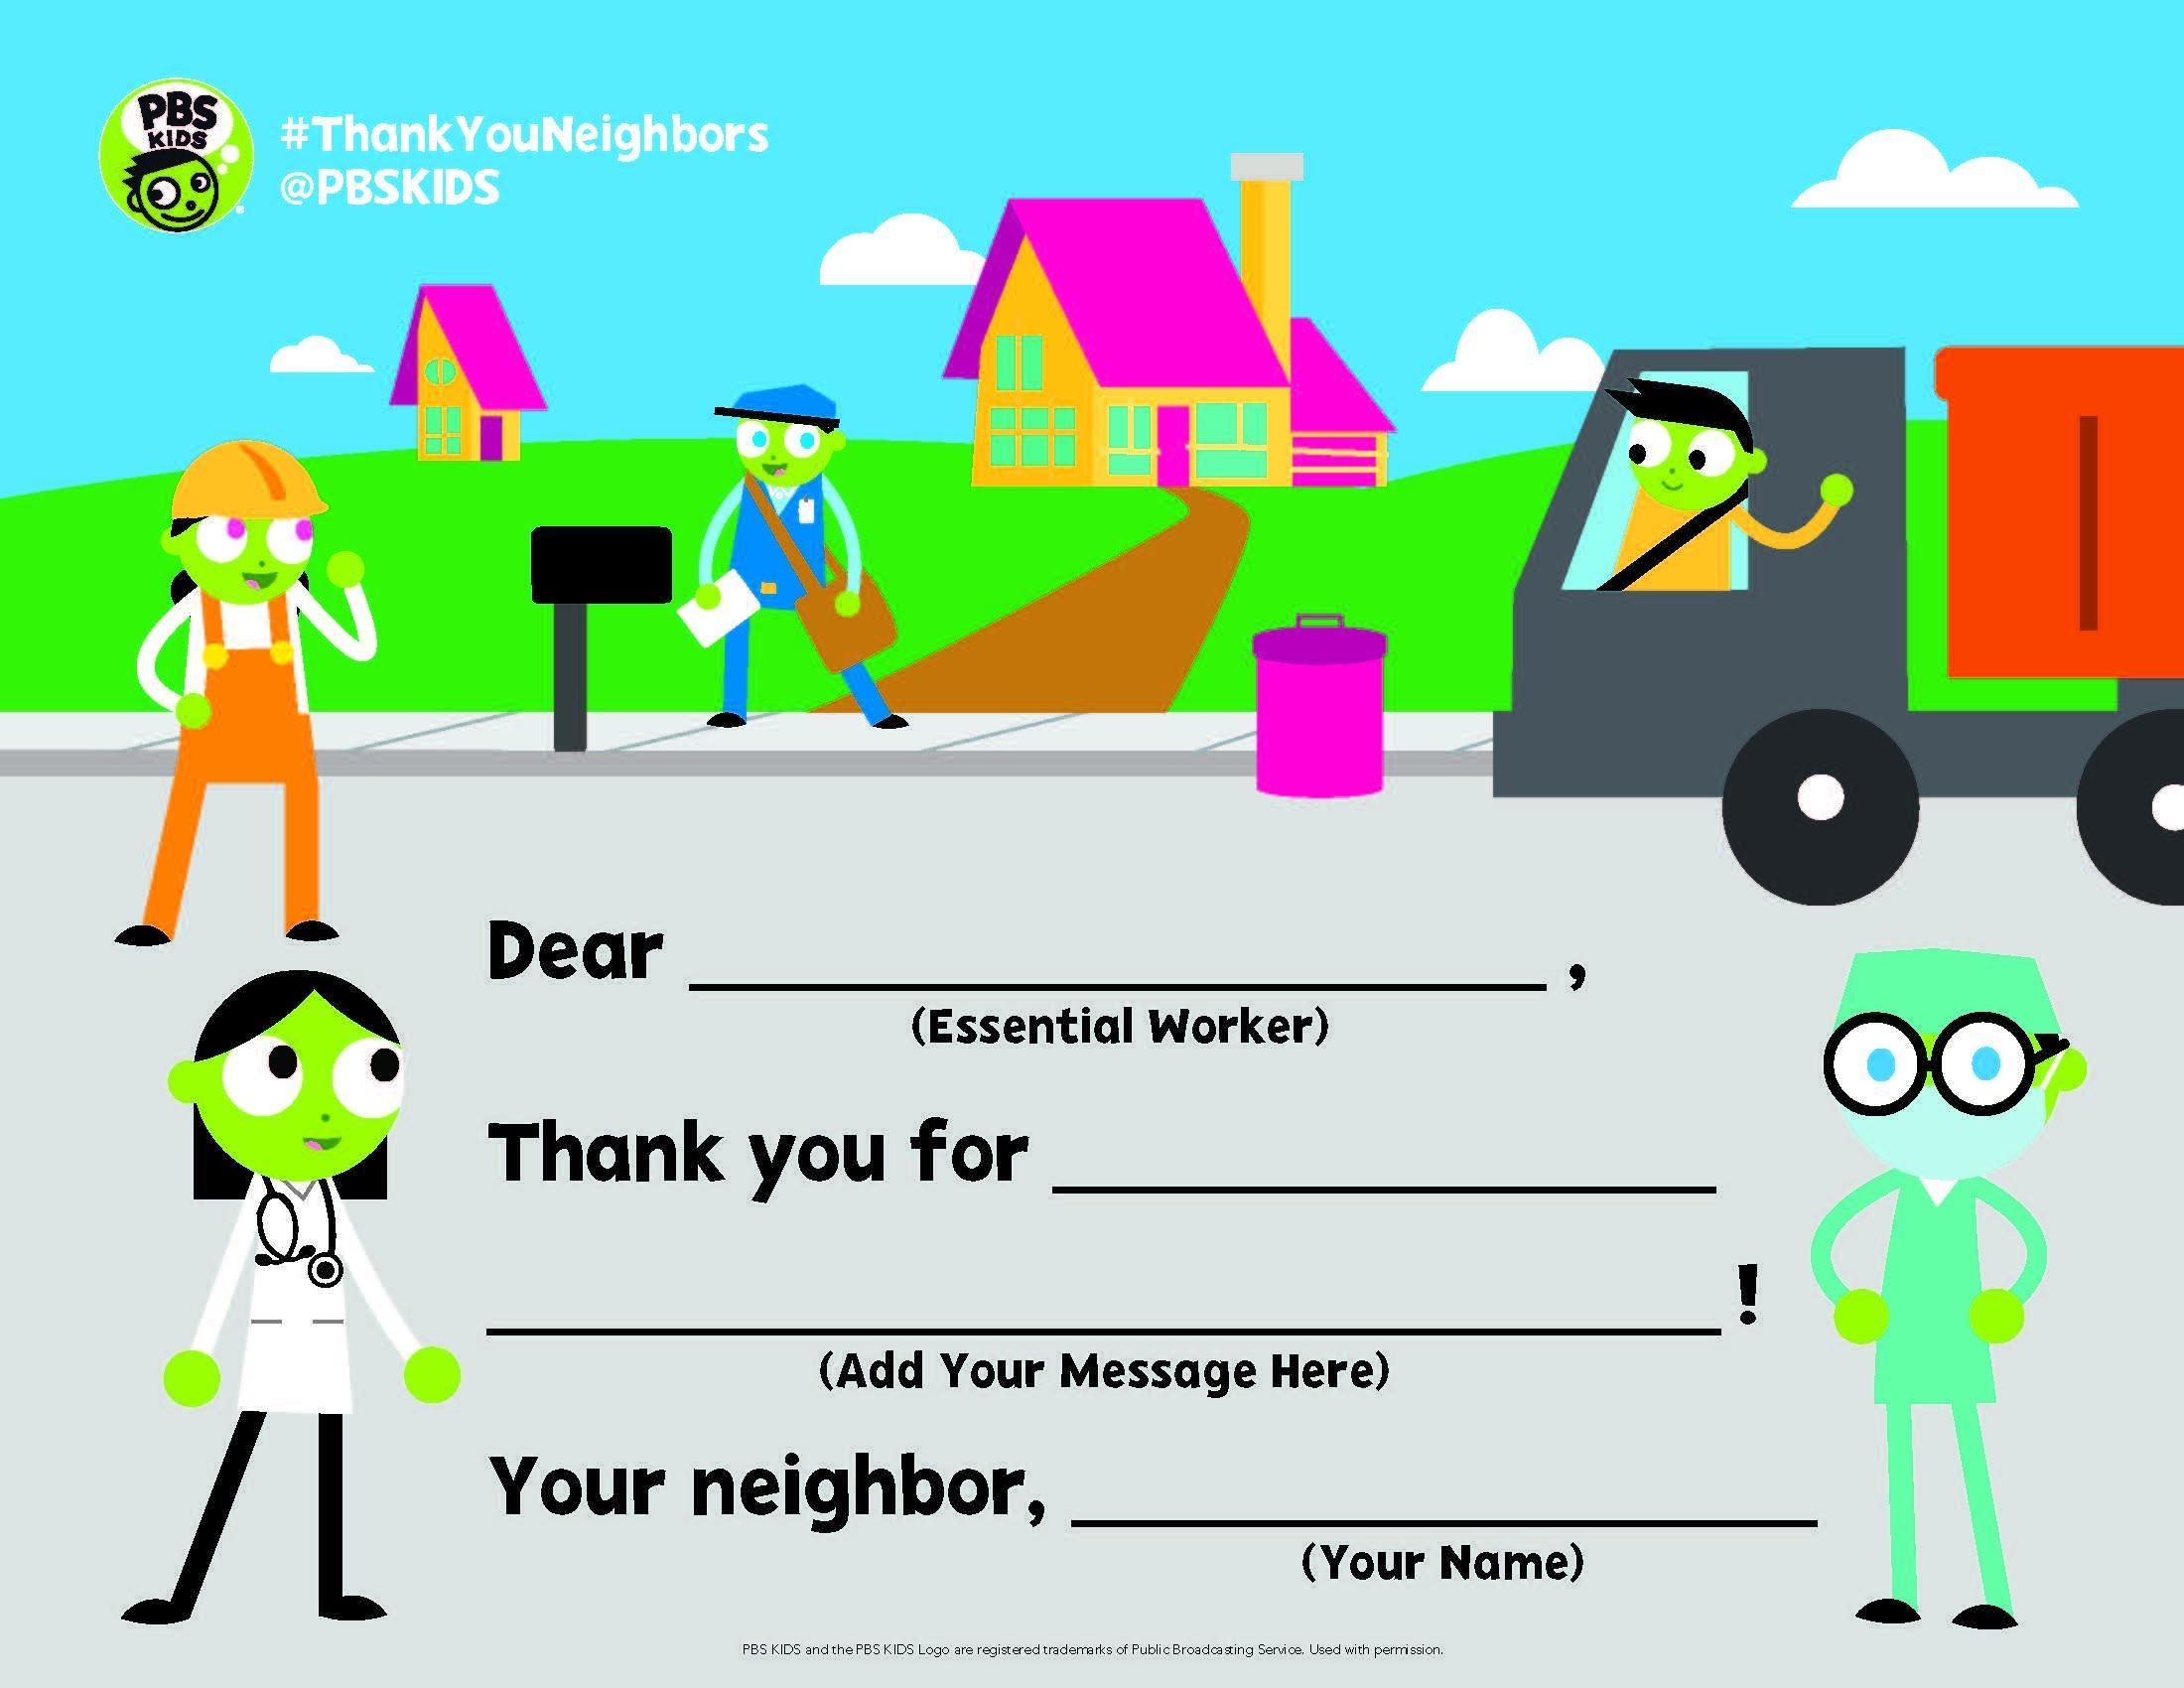 PBS Kids THANK YOU